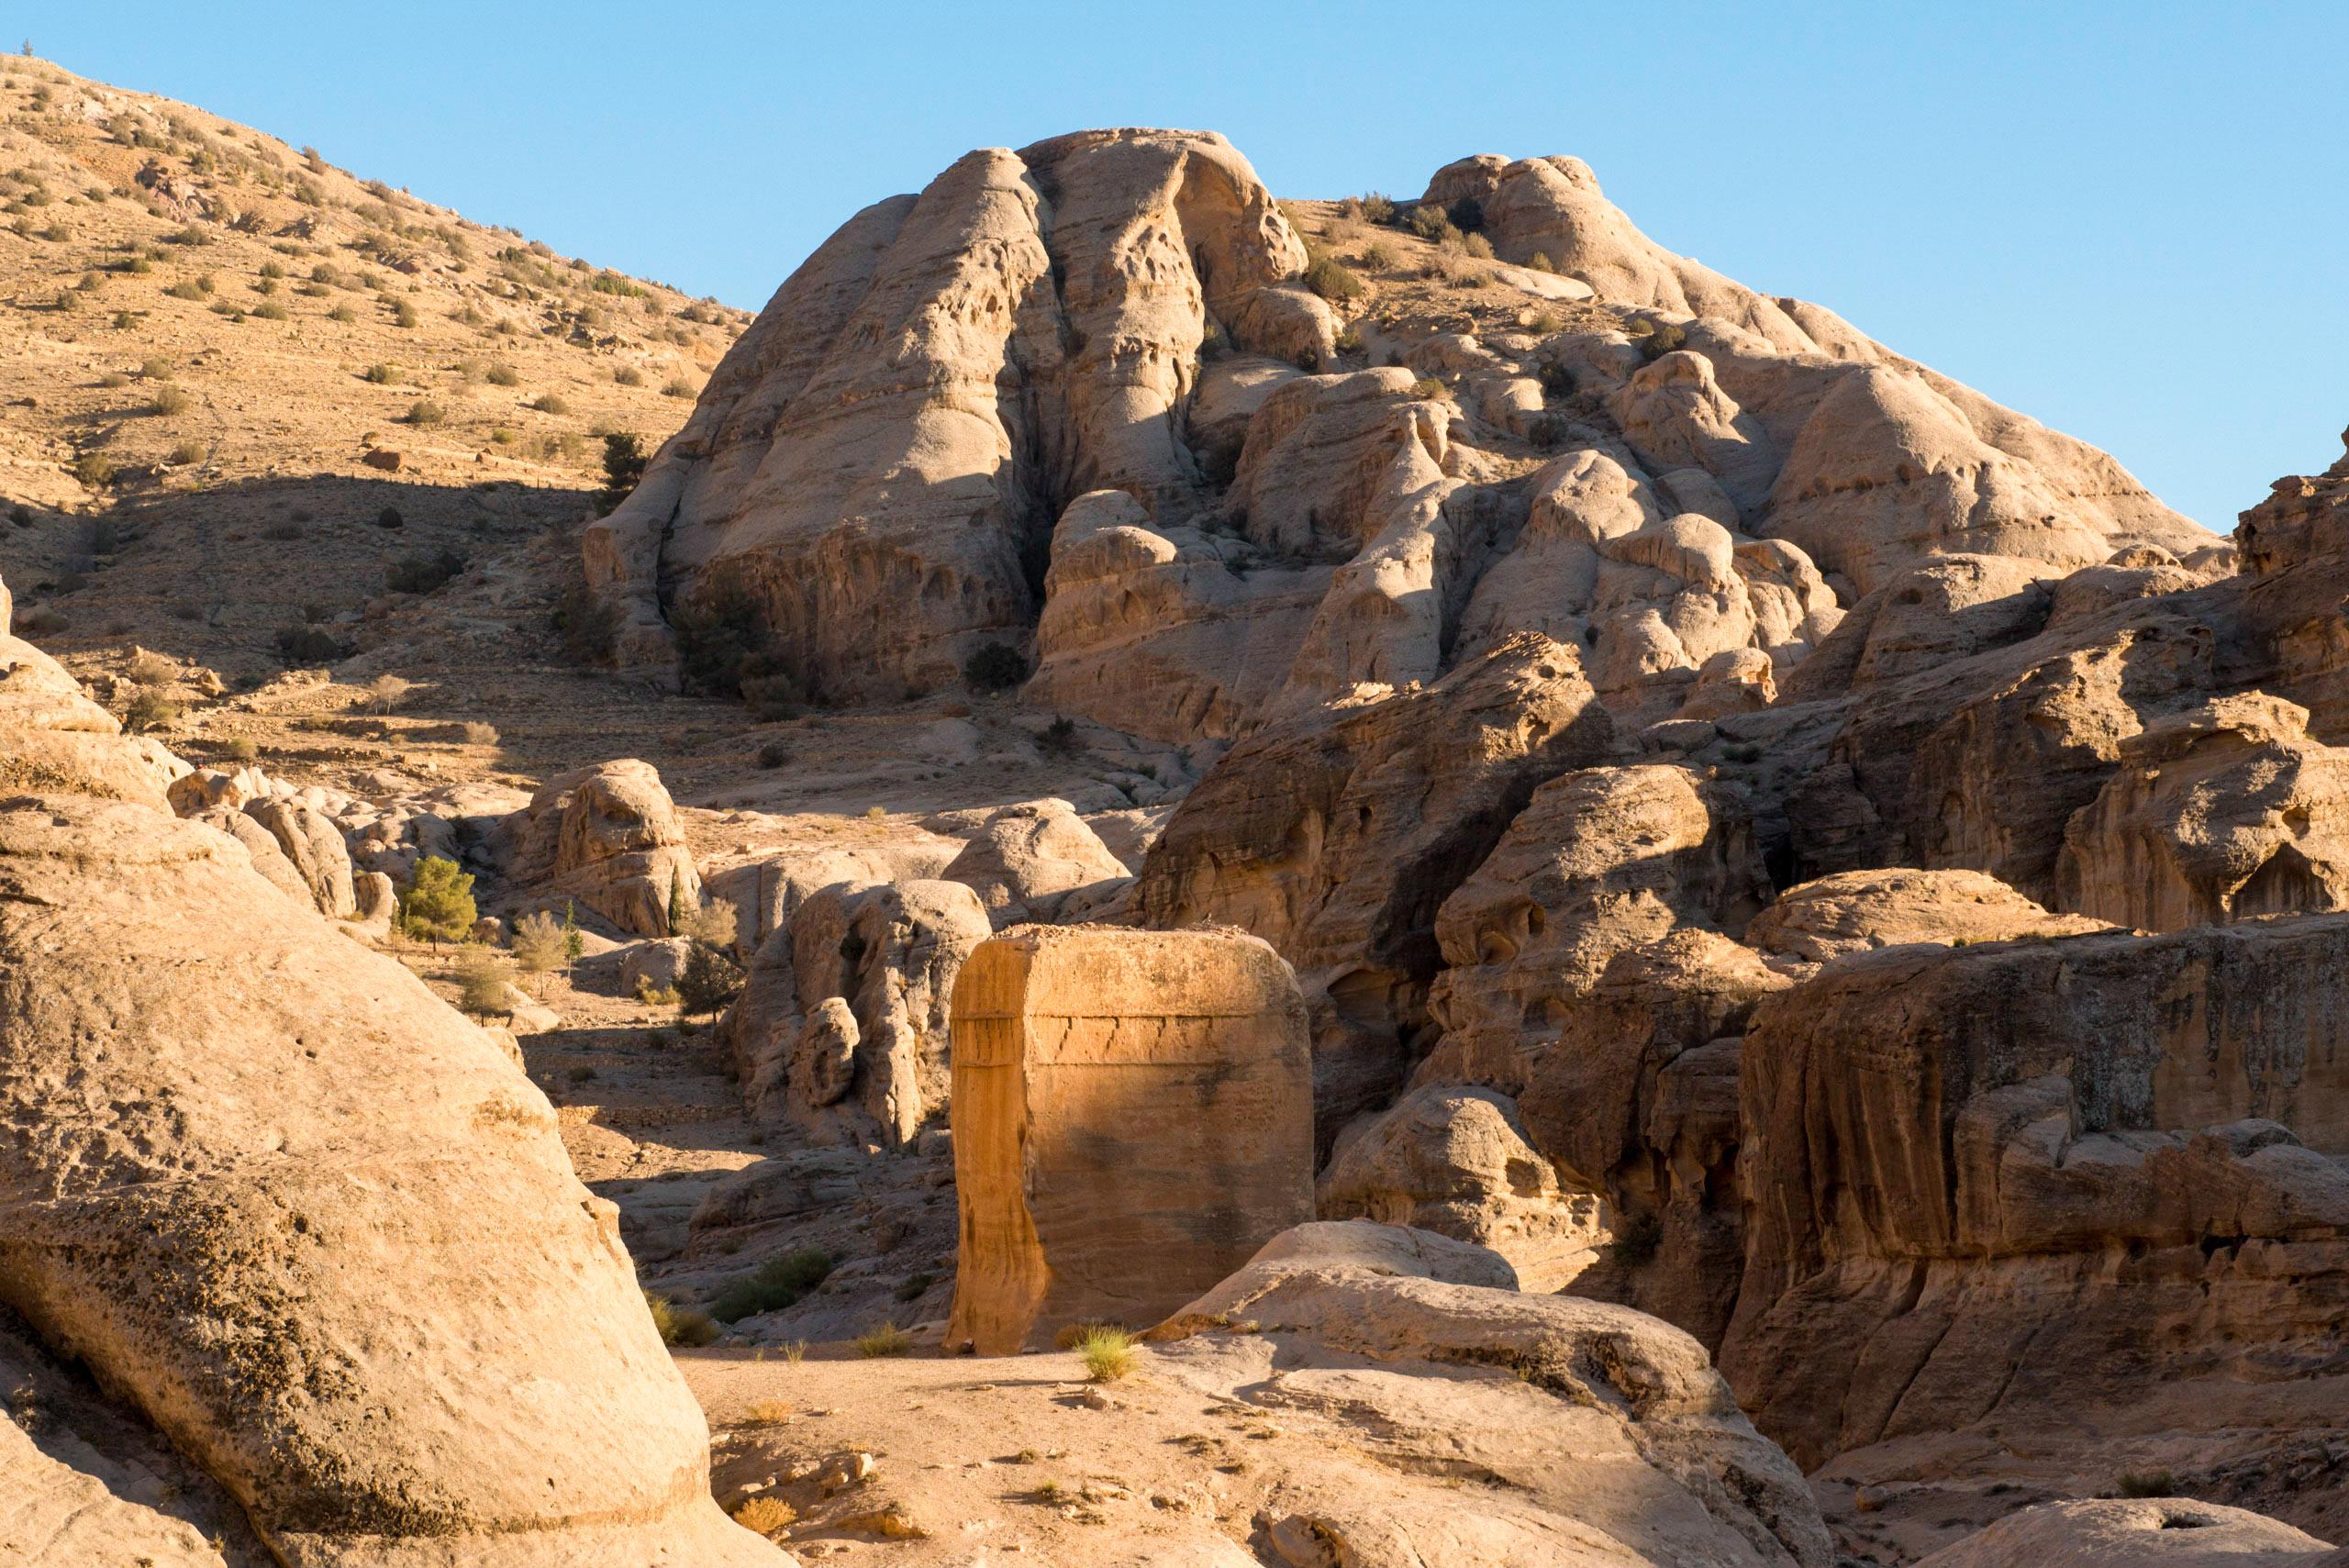 L'antique cité nabatéenne de Pétra. Tombeau Djinn près de l'entrée du Siq.